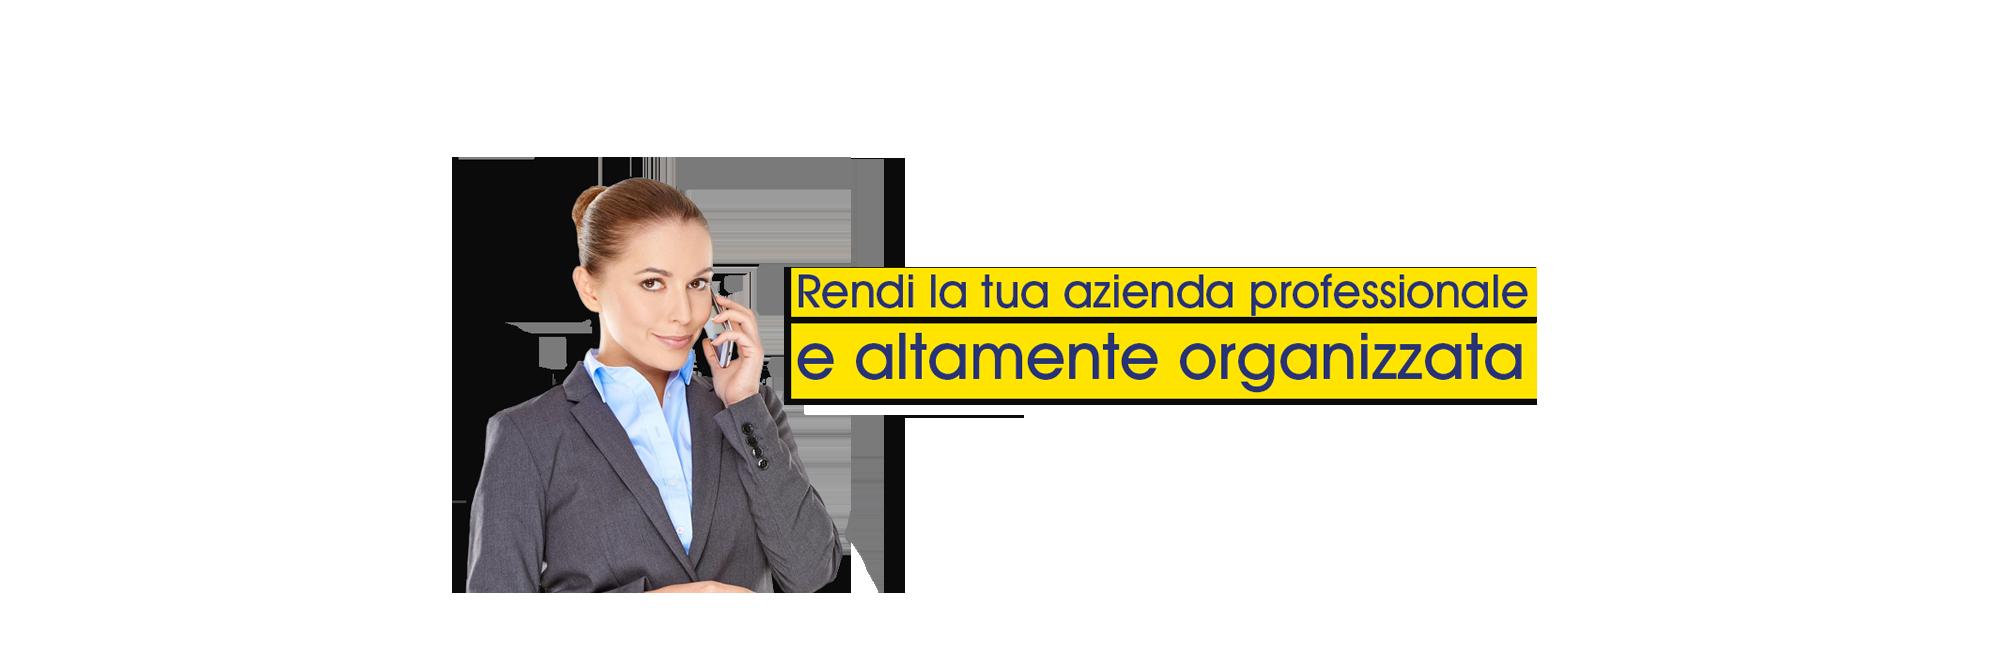 Rendi la tua azienda professionale e altamente organizzata